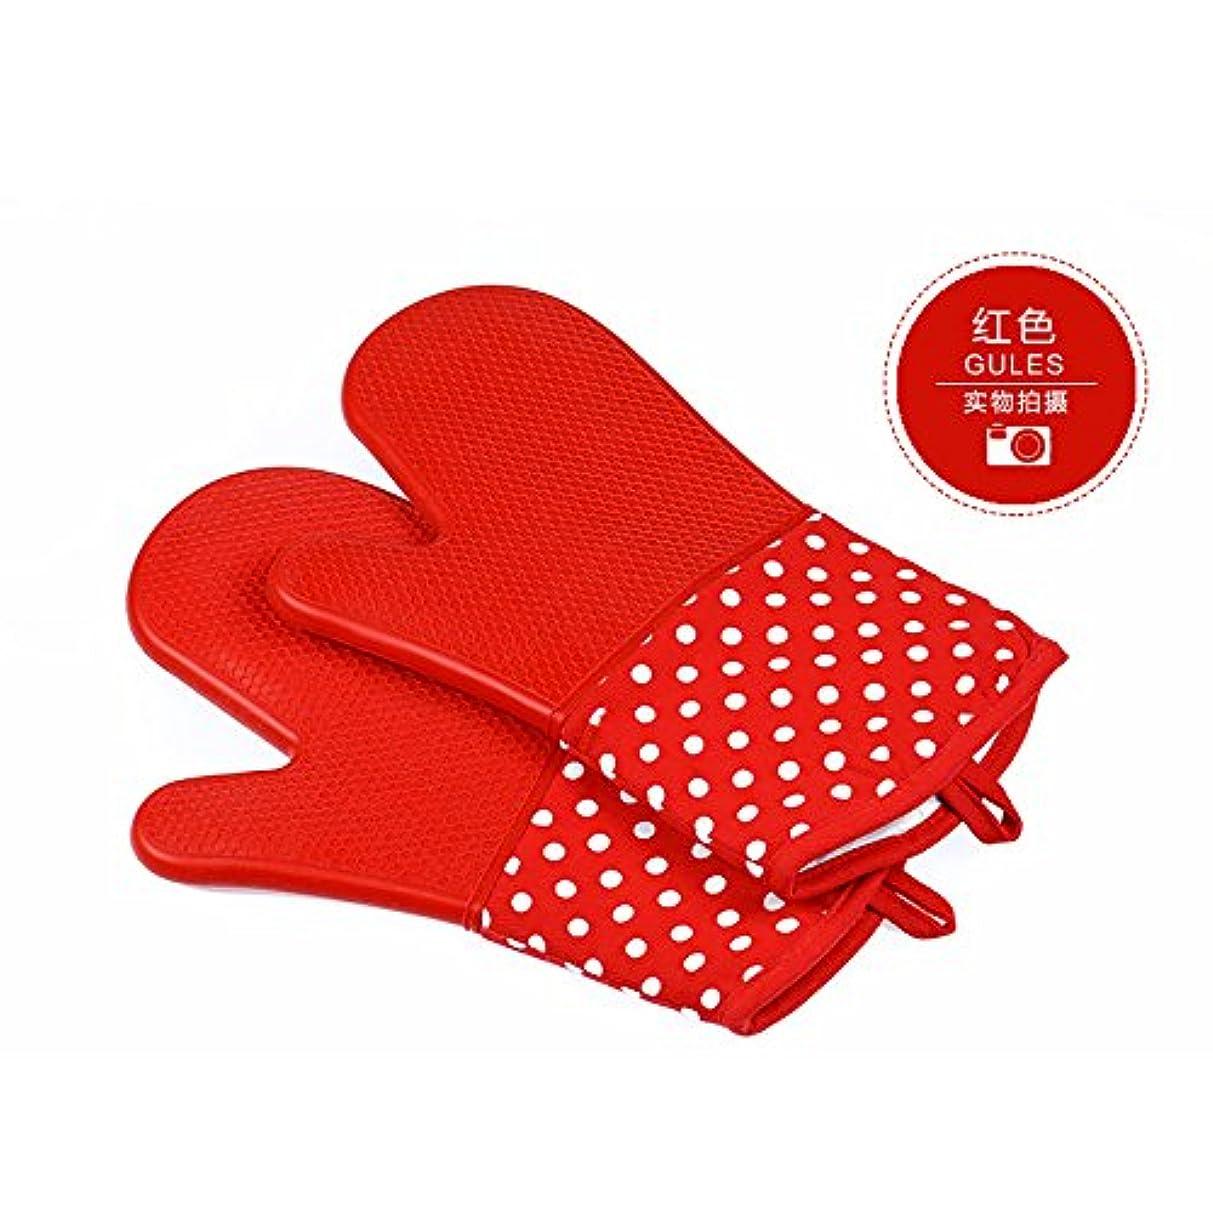 ブレンド排除表面JOOP【2個セット】【シリコンベーキング手袋】【バーベキュー手袋】【キッチン電子レンジの手袋】【オーブン断熱手袋】【300の加熱温度極値】【7色】 (レッド)